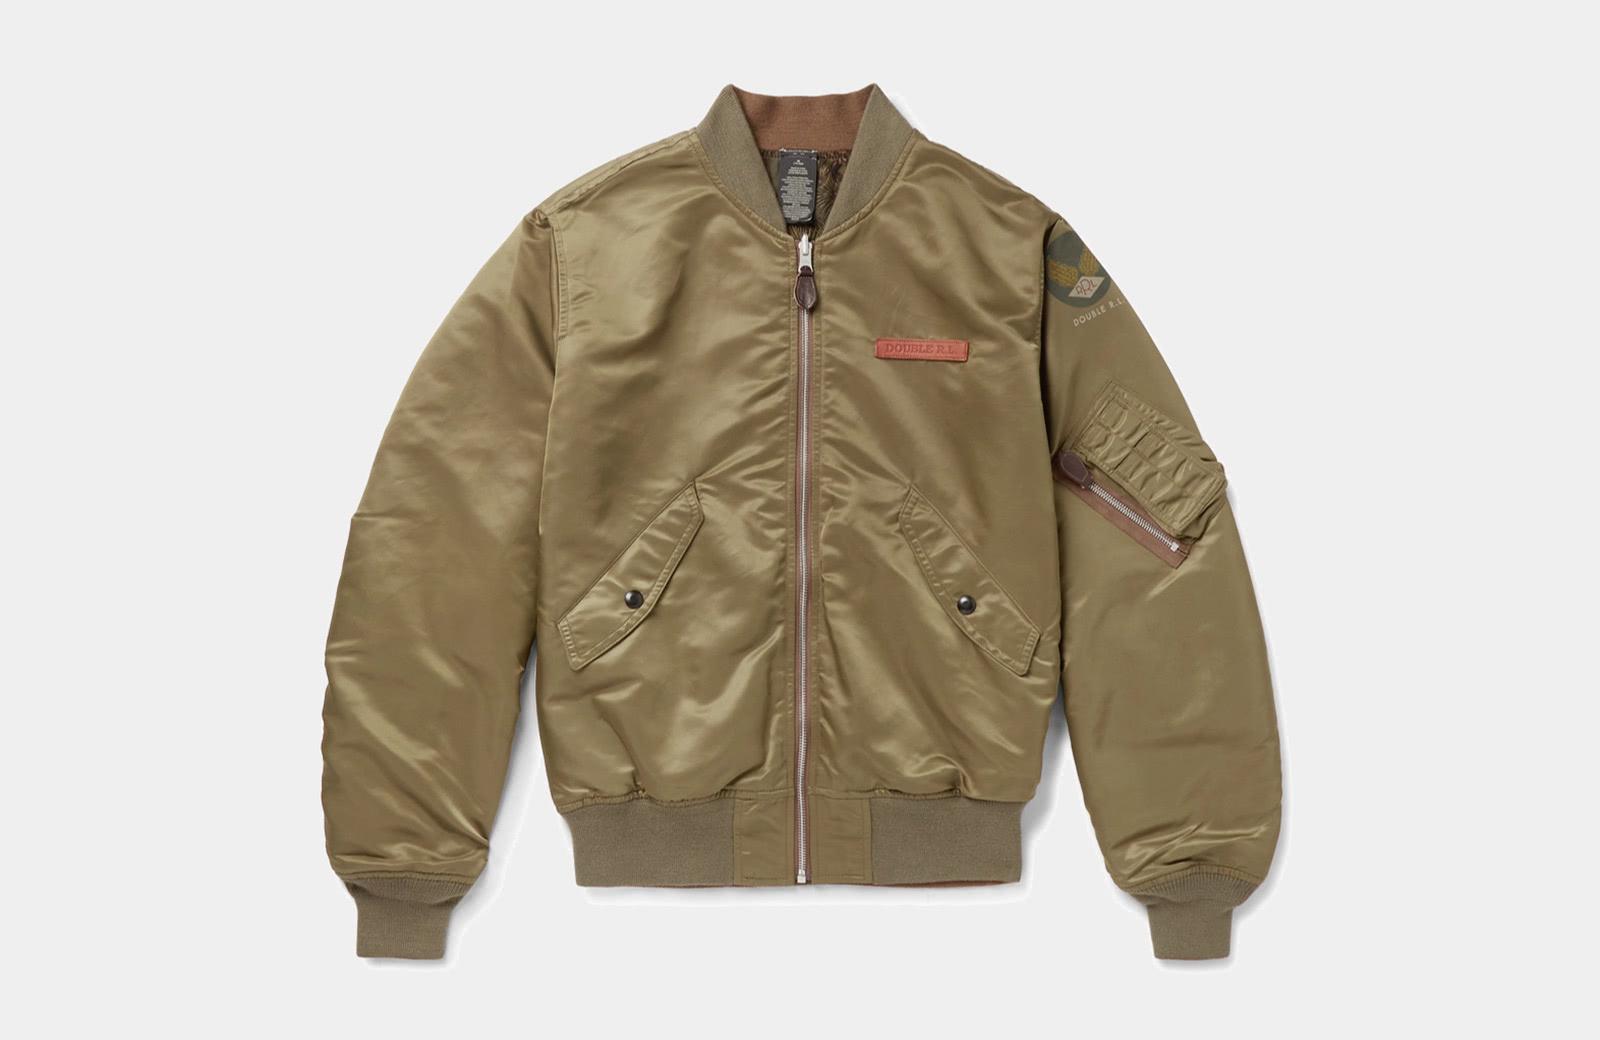 best olive bomber jacket men Ralph Lauren luxury style - Luxe Digital